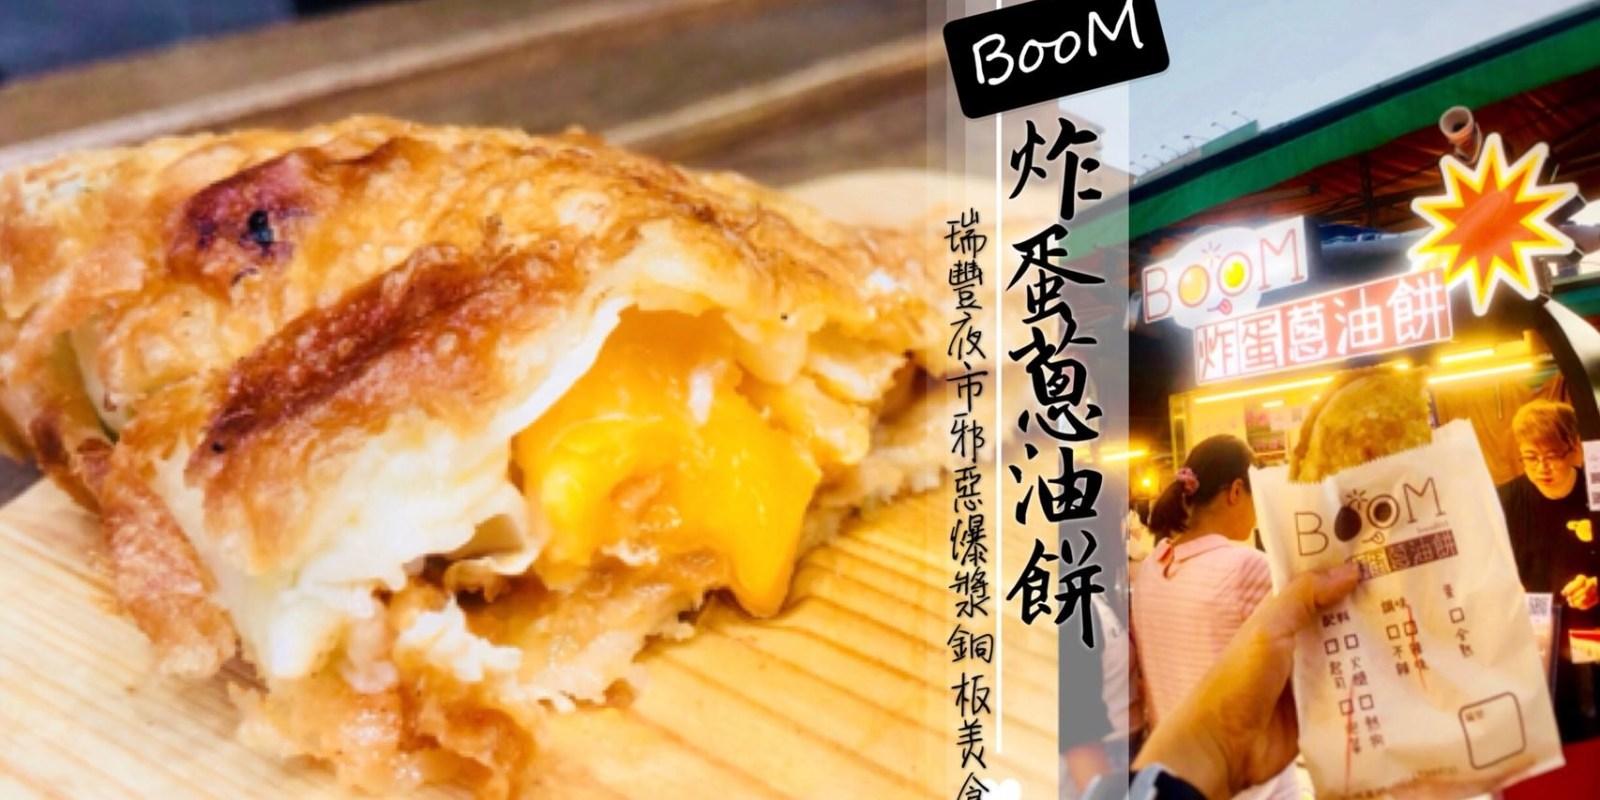 高雄美食 BooM炸蛋蔥油餅,瑞豐夜市必吃超人氣銅板美食,銷魂爆漿半熟蛋